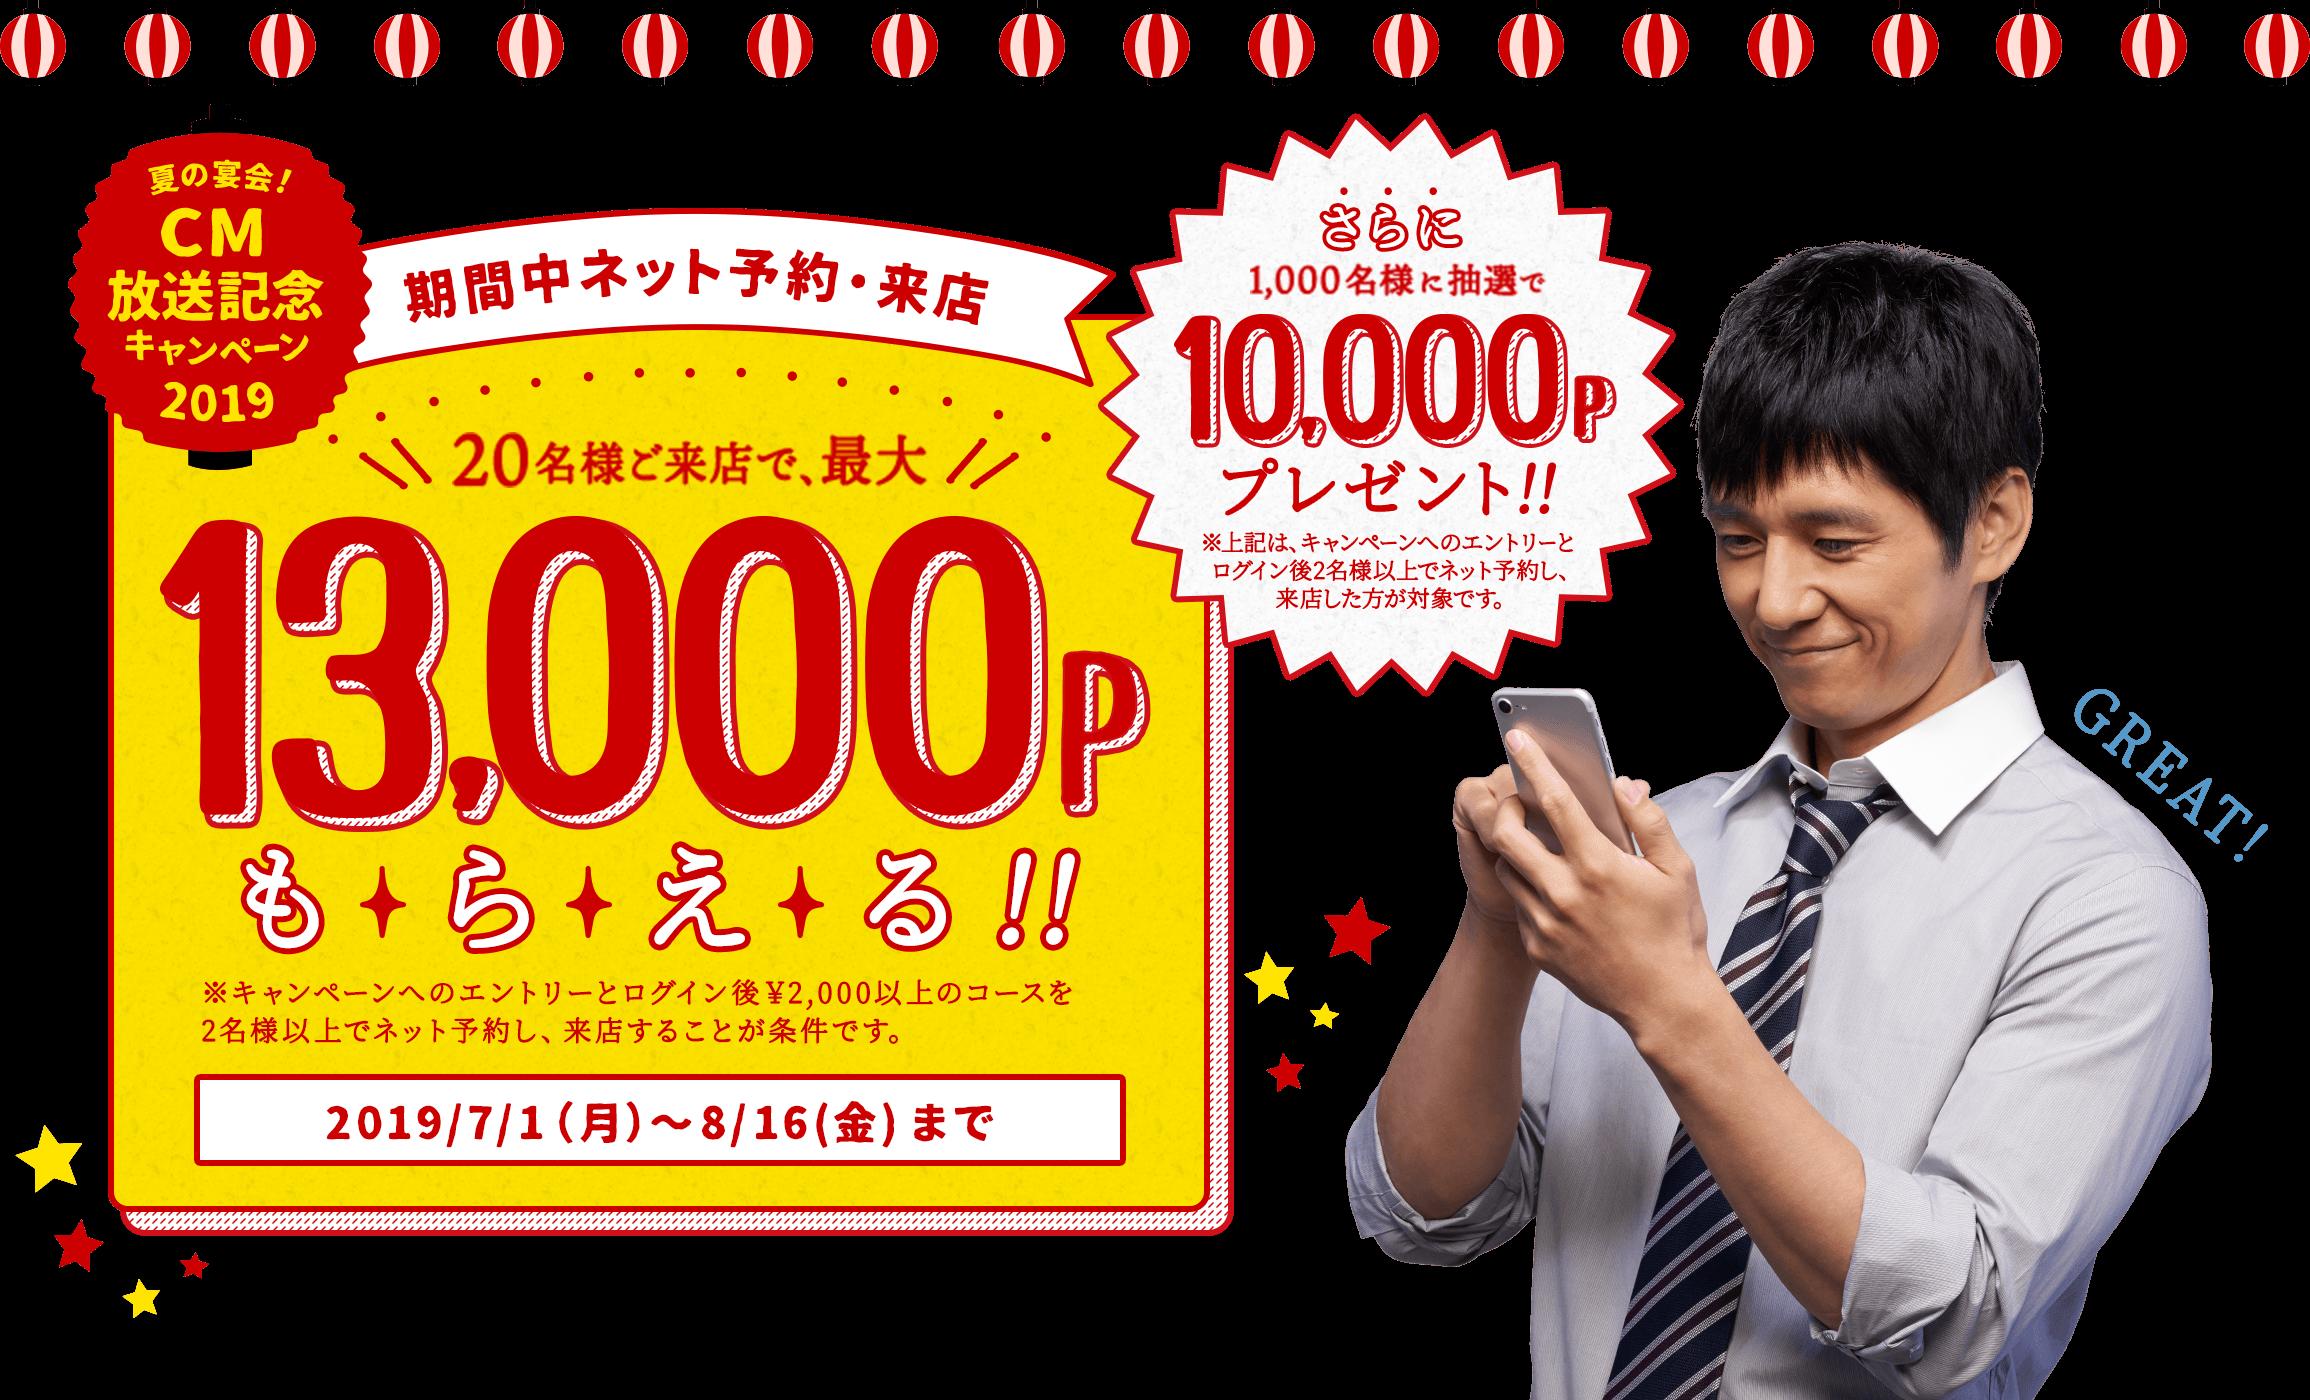 夏の宴会!CM放送記念キャンペーン2019 期間中ネット予約・来店 20名様ご来店で、最大13,000Pもらえる!! ※キャンペーンへのエントリーとログイン後¥2,000以上のコースを2名様以上でネット予約し、来店することが条件です。 2019/7/1(月)〜8/16(金)まで さらに1,000名様に抽選で10,000Pプレゼント!! ※上記は、キャンペーンへのエントリーとログイン後2名様以上でネット予約し、来店した方が対象です。